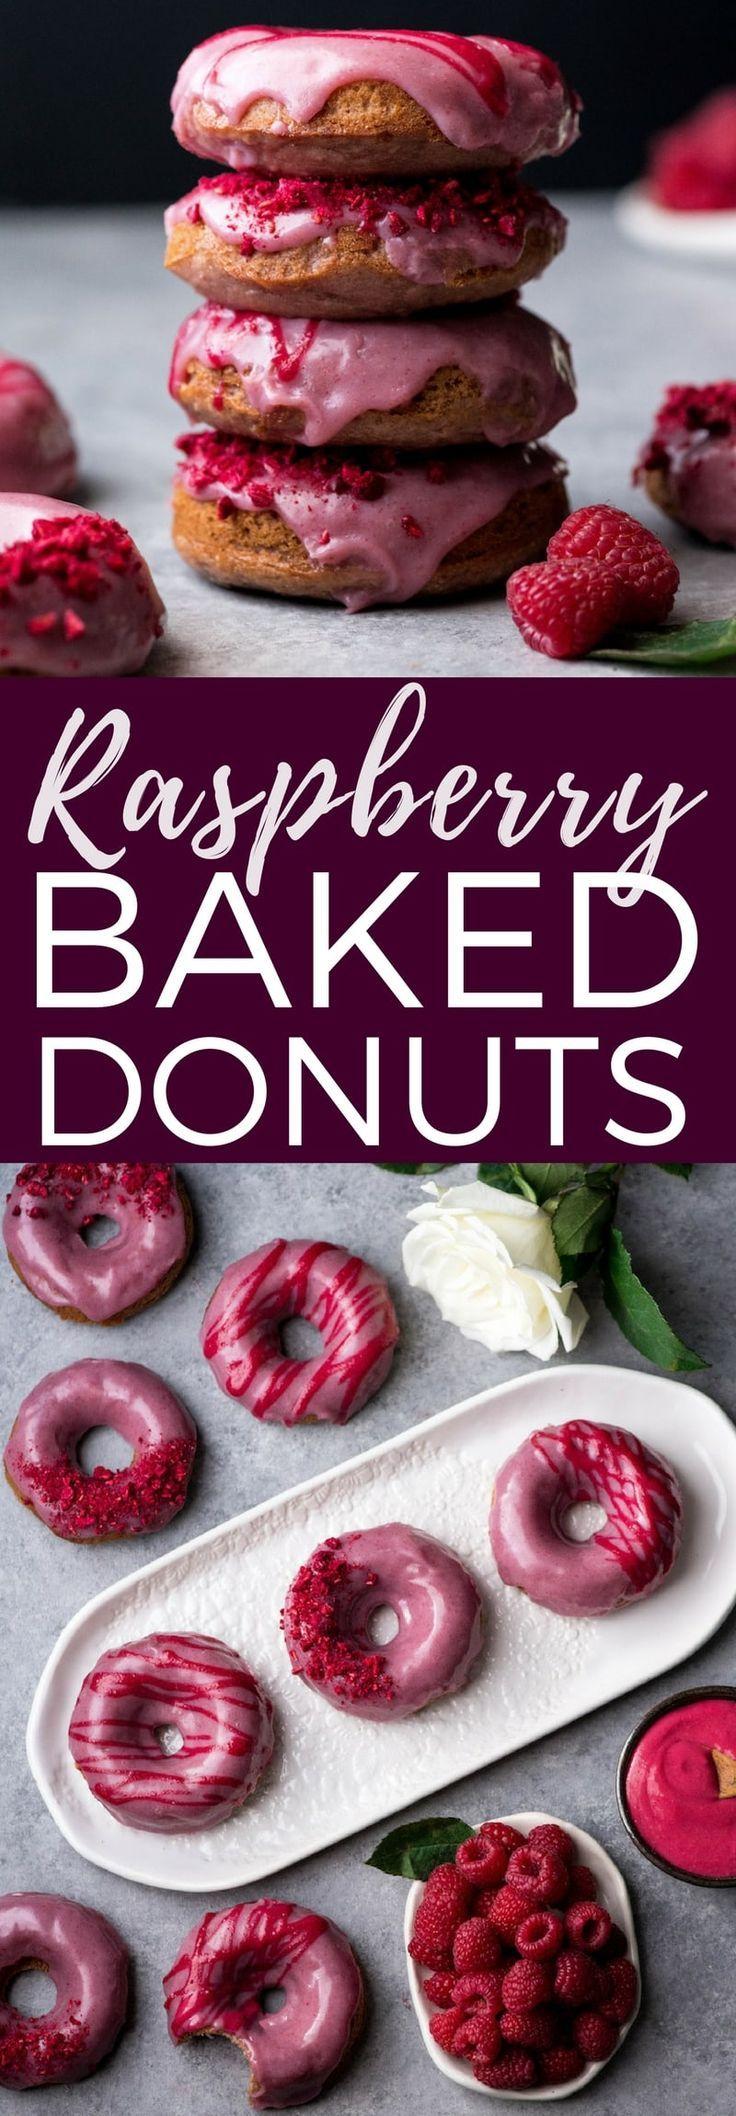 Raspberry Baked Donuts with Raspberry Glaze